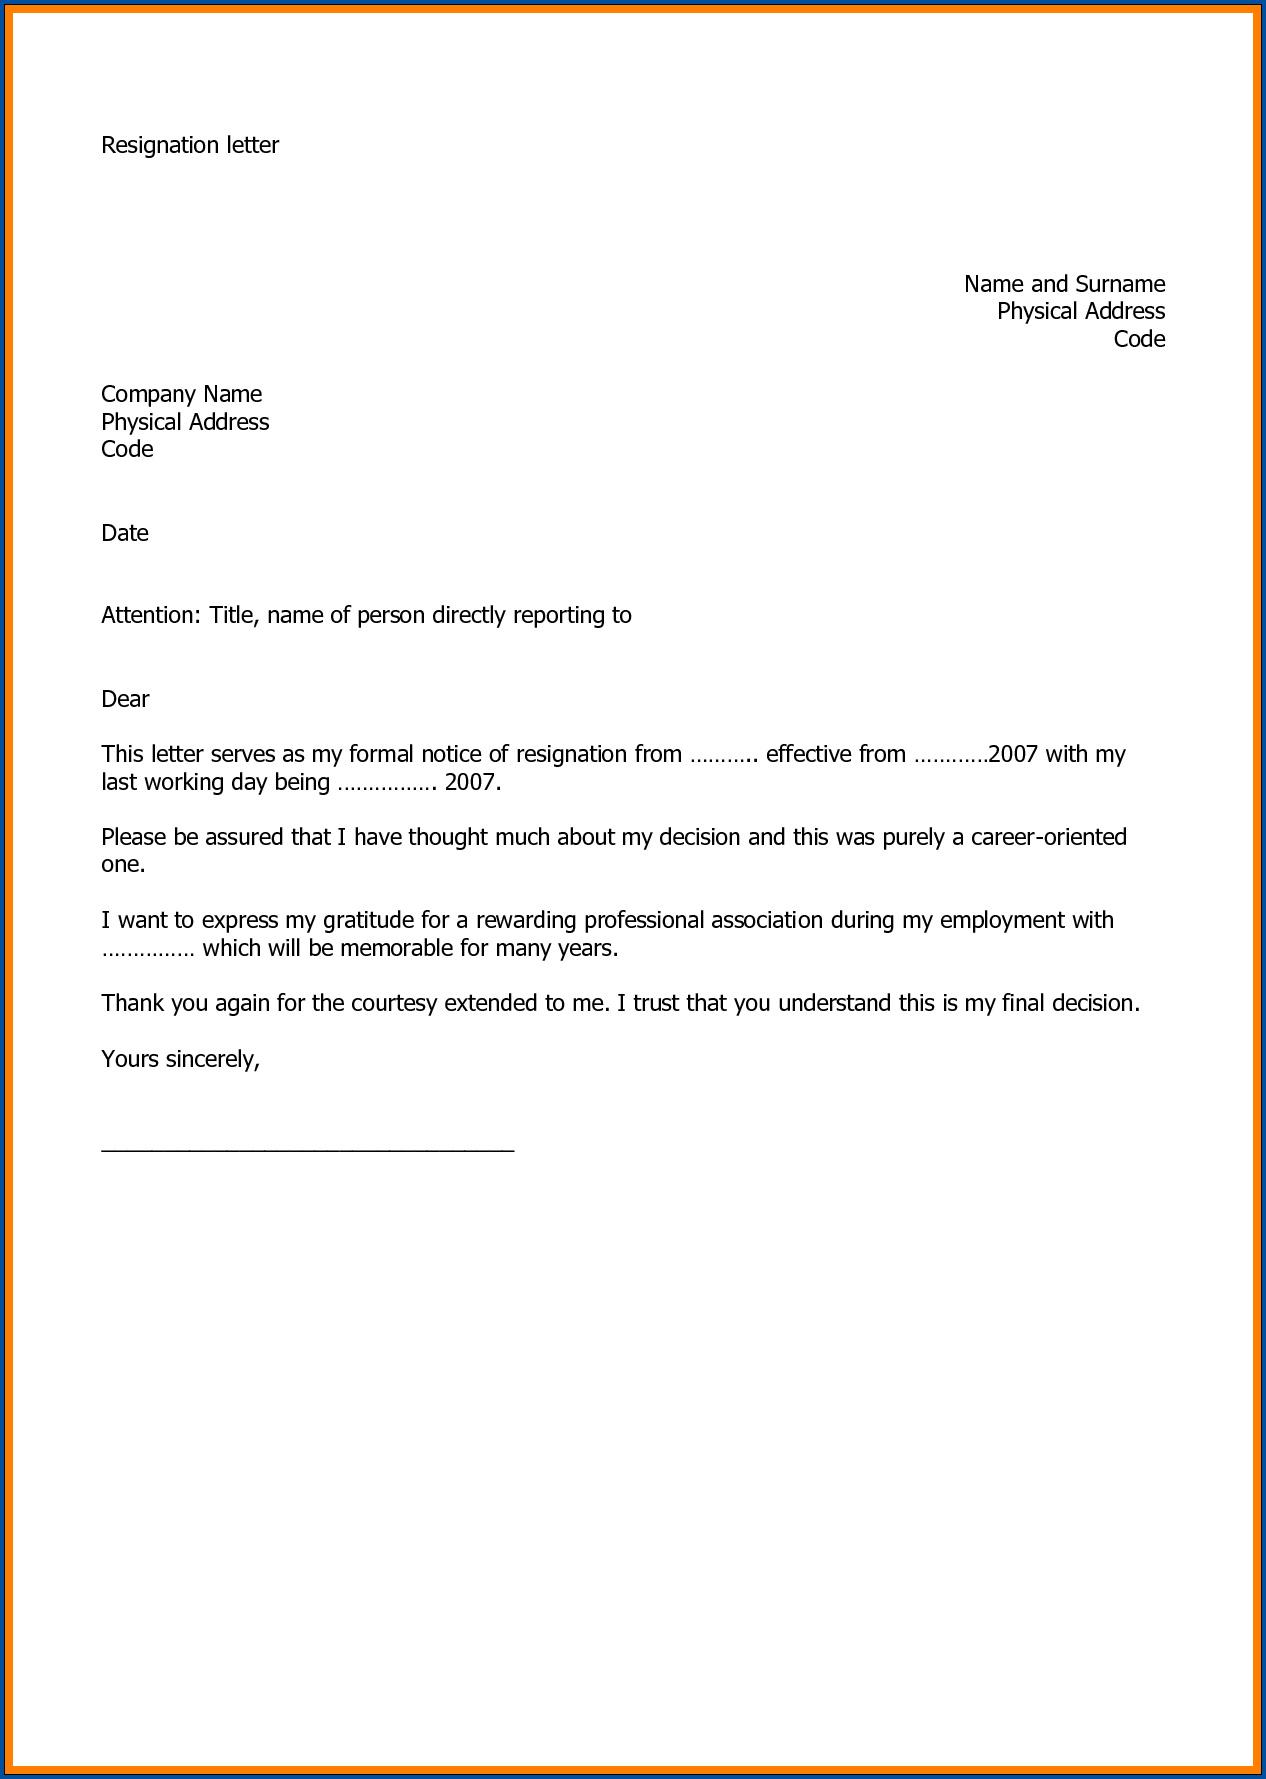 Sample of Resignation Letter For Job